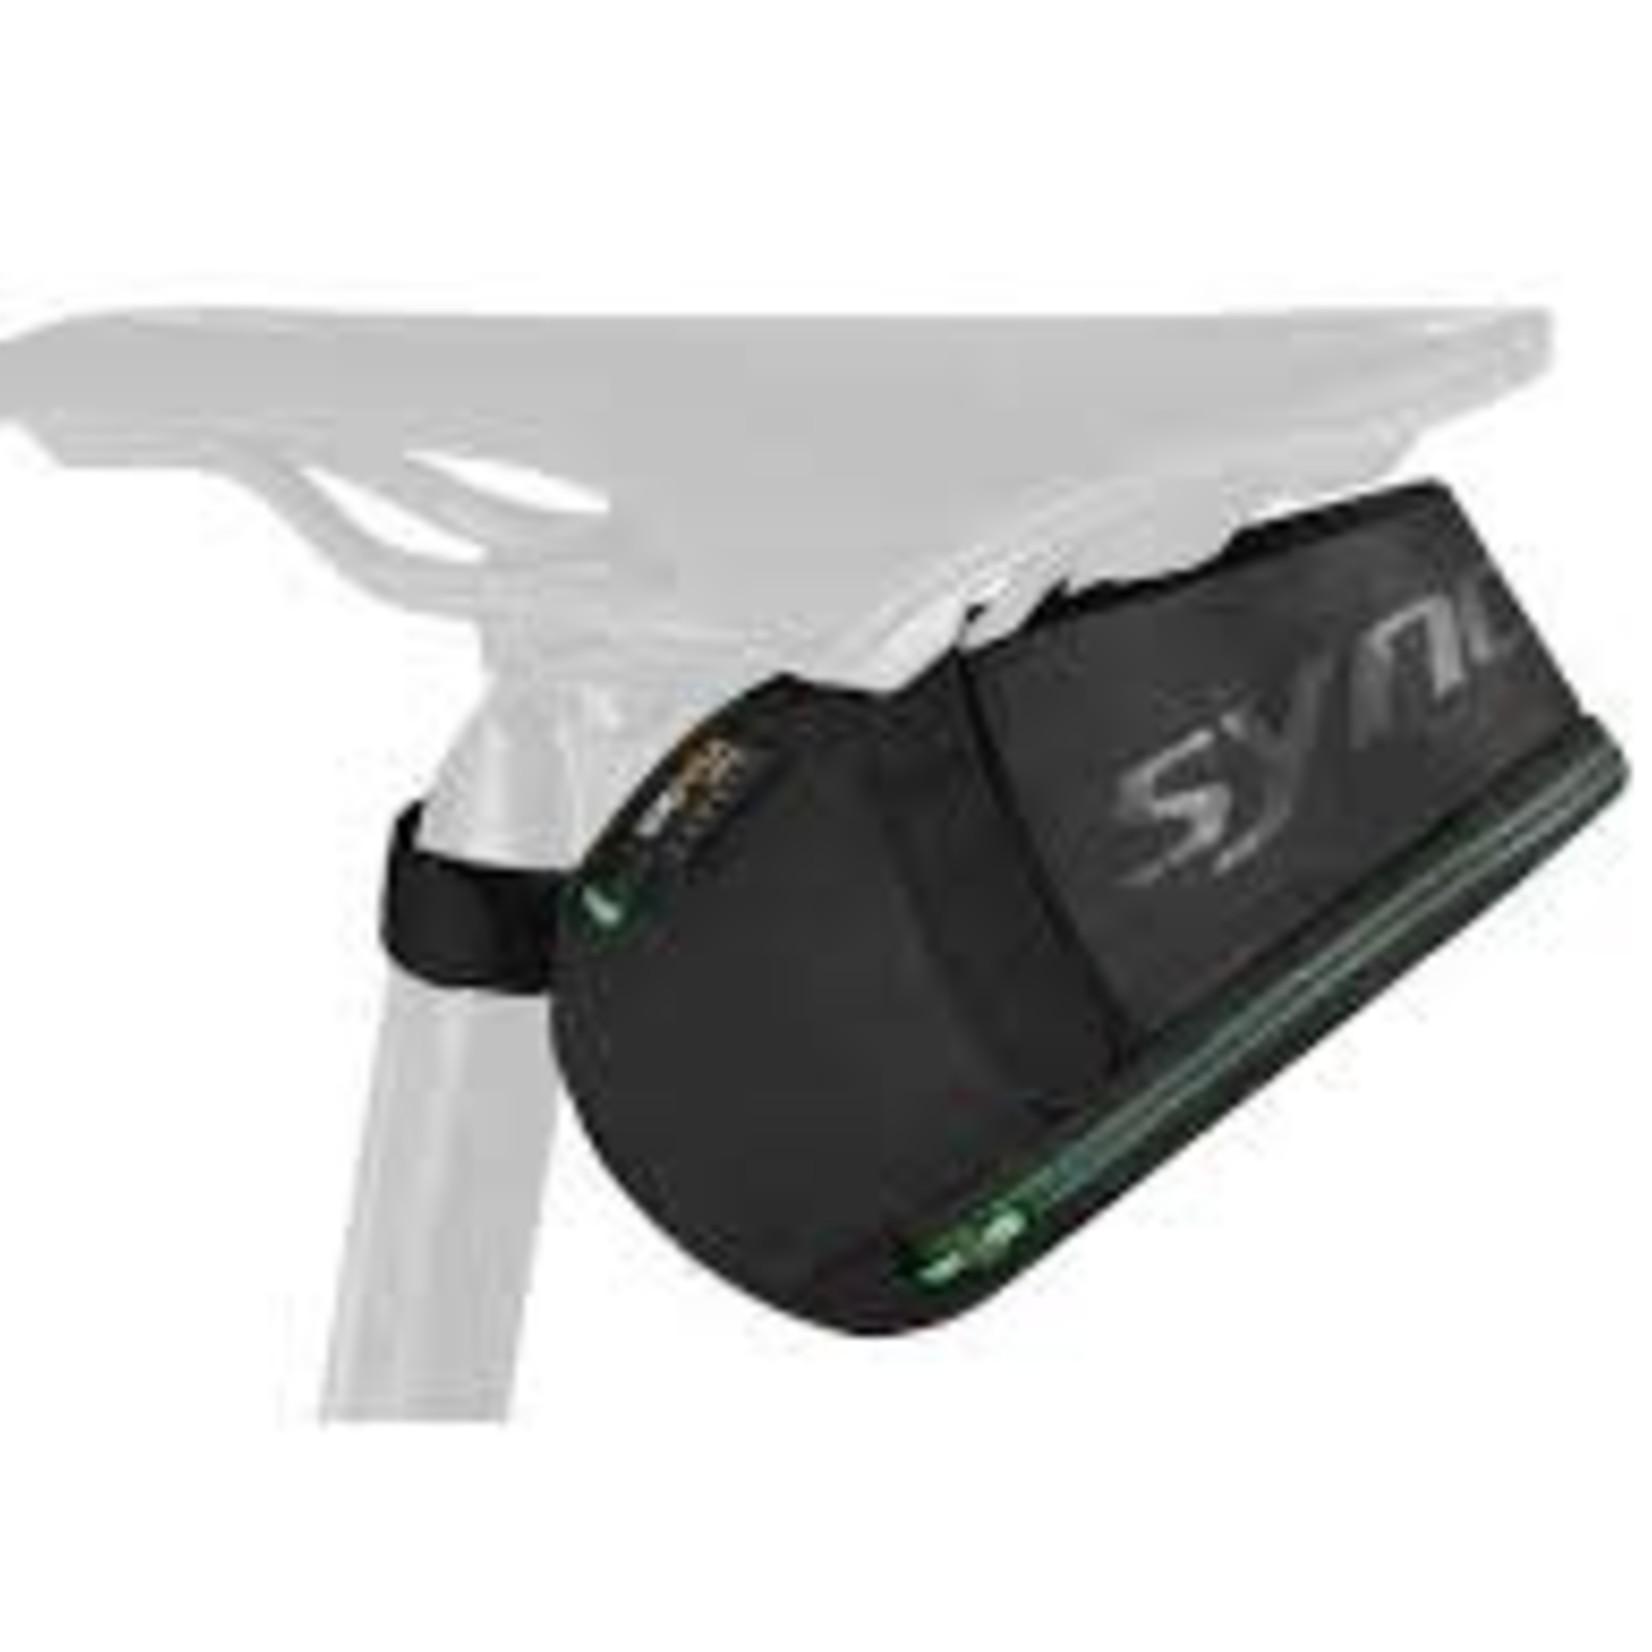 Scott SYN Saddle Bag HiVol 600 (Strap) black 1size